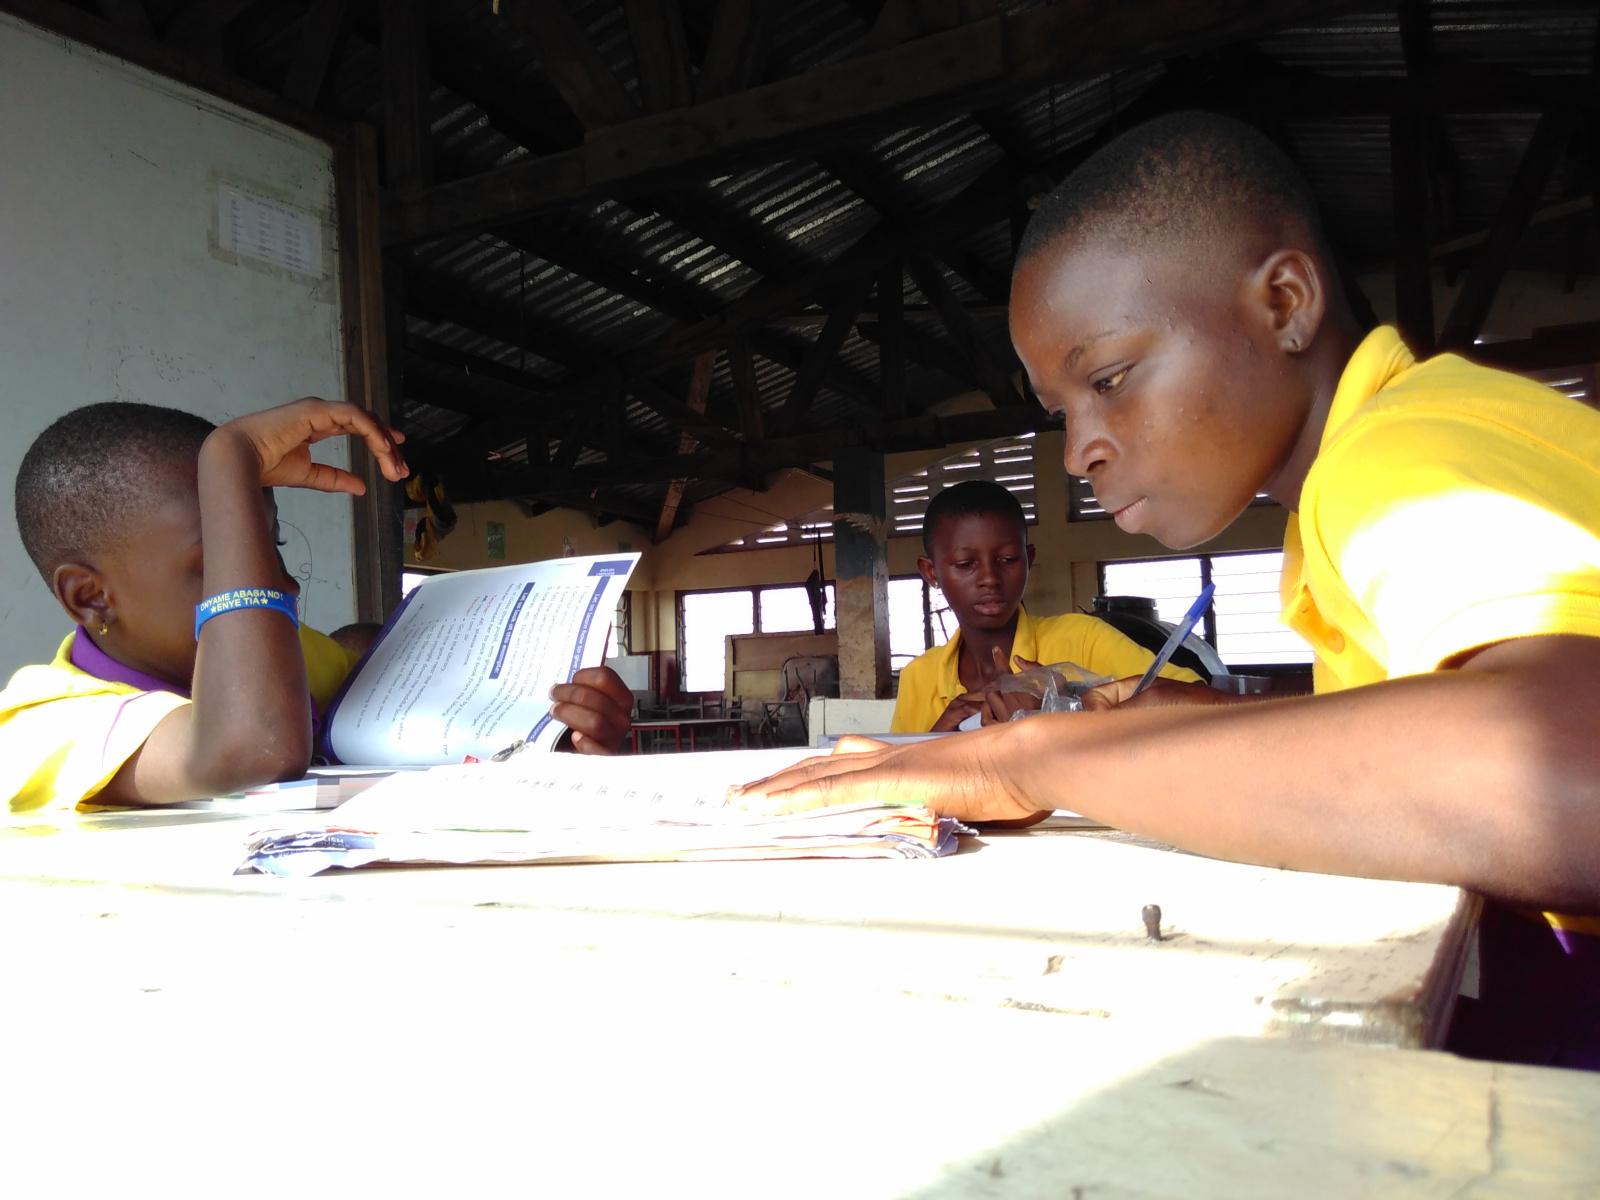 Klasse 3 und 4 bei den Hausaufgaben, dass macht mal mehr mal weniger viel Spaß